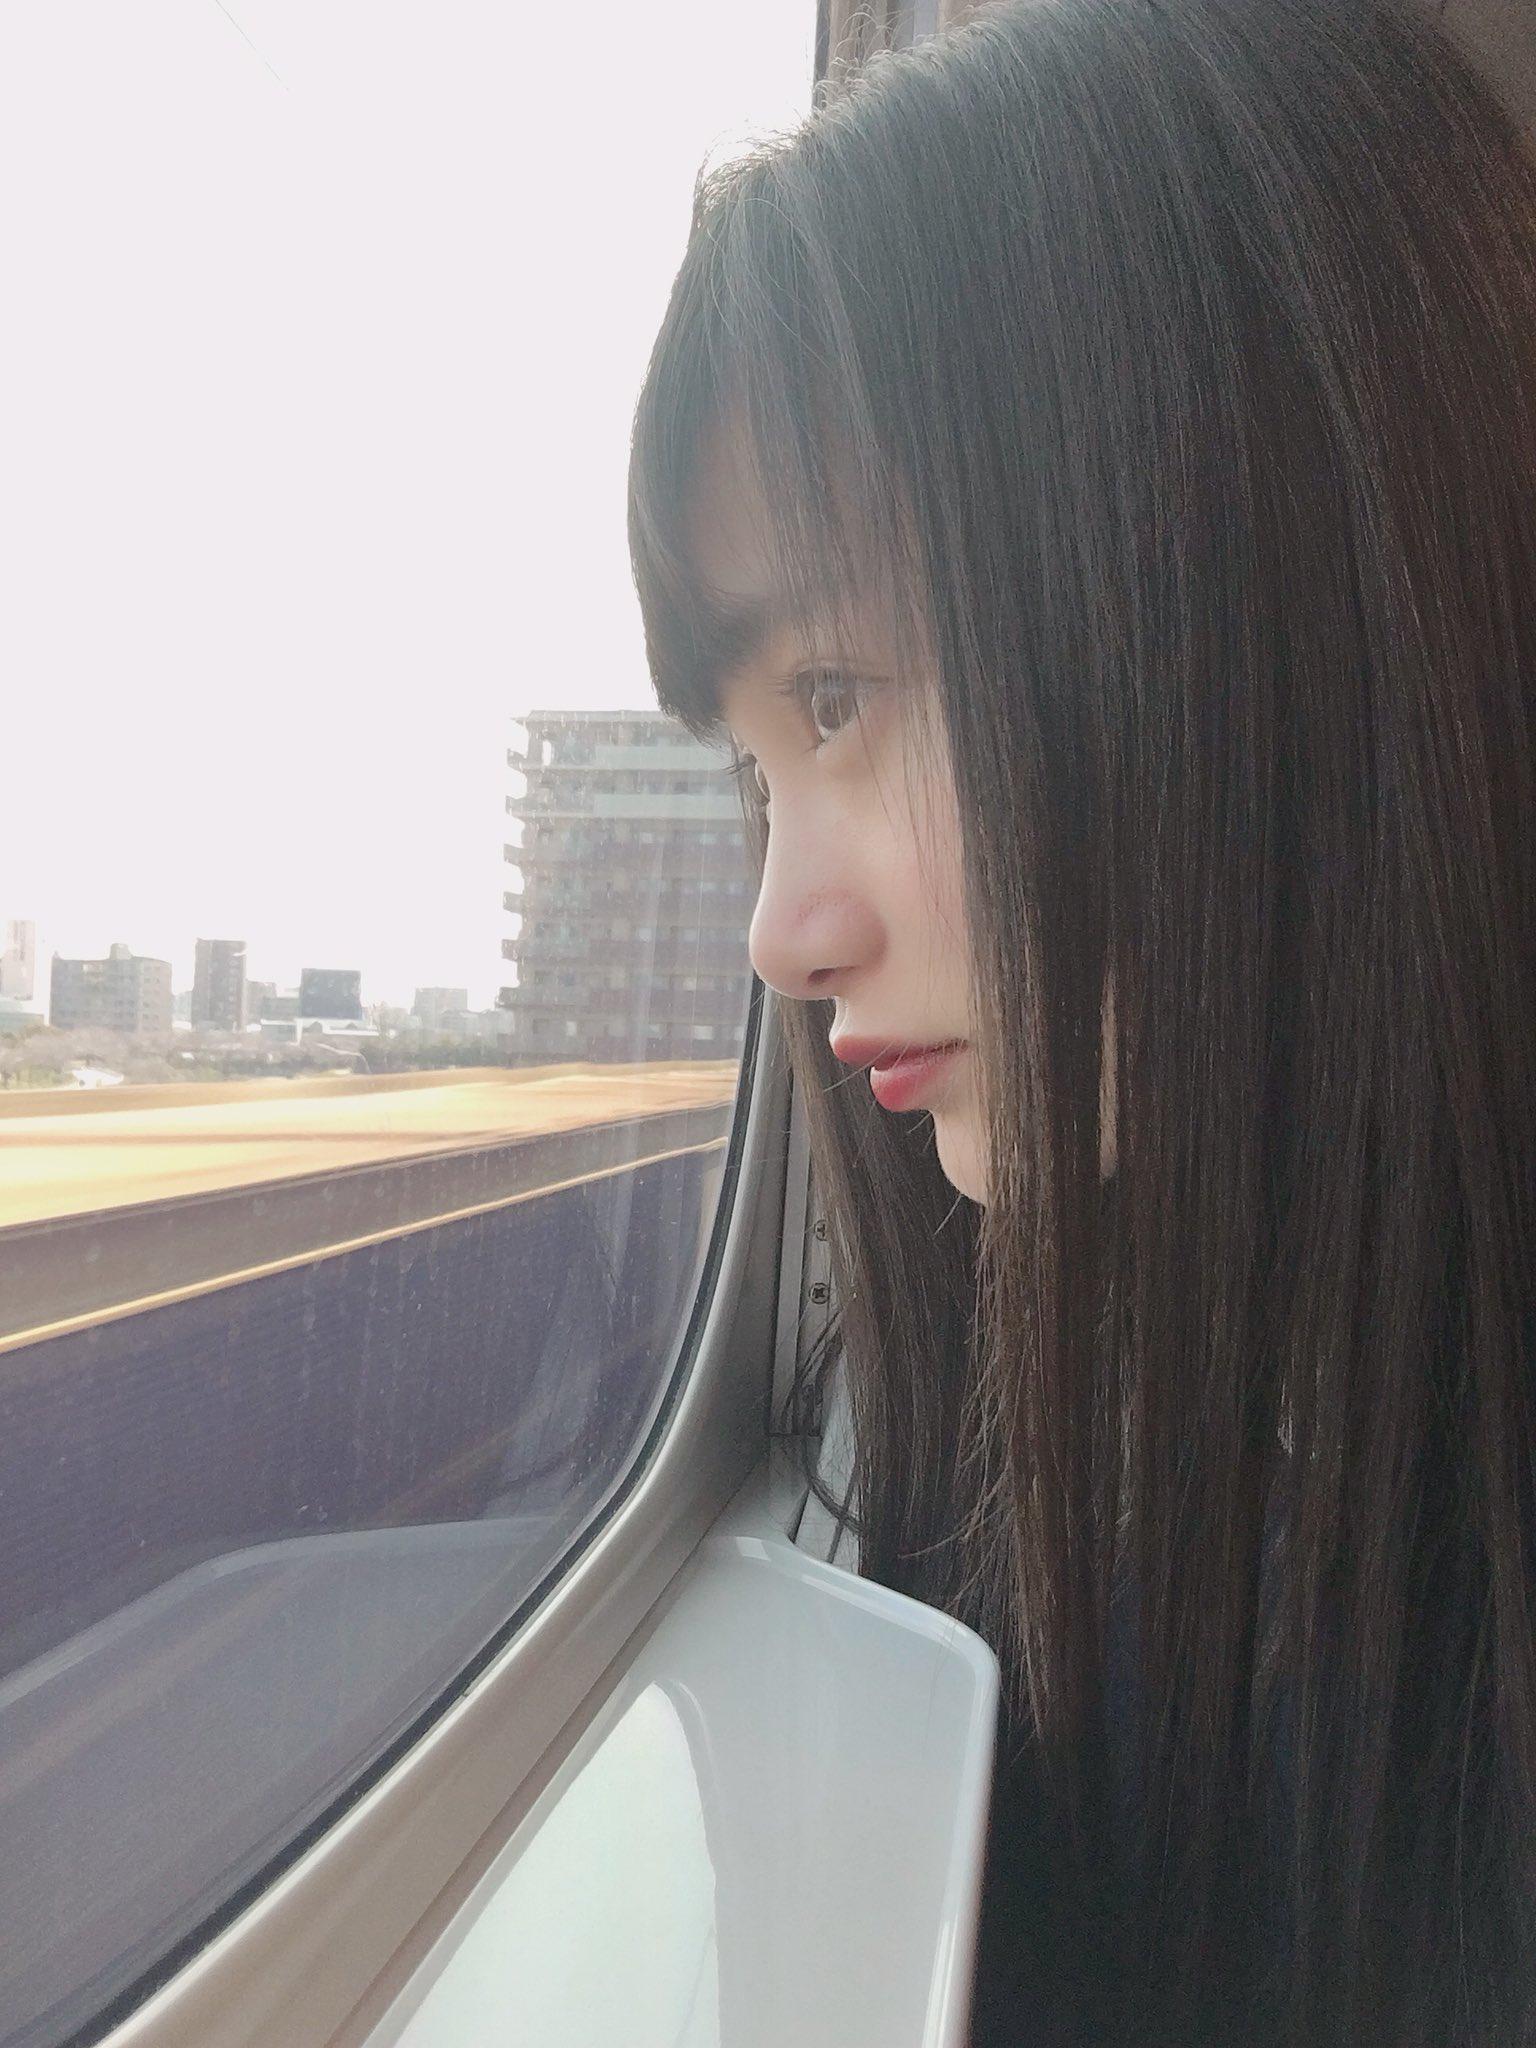 電車の窓から福田愛依